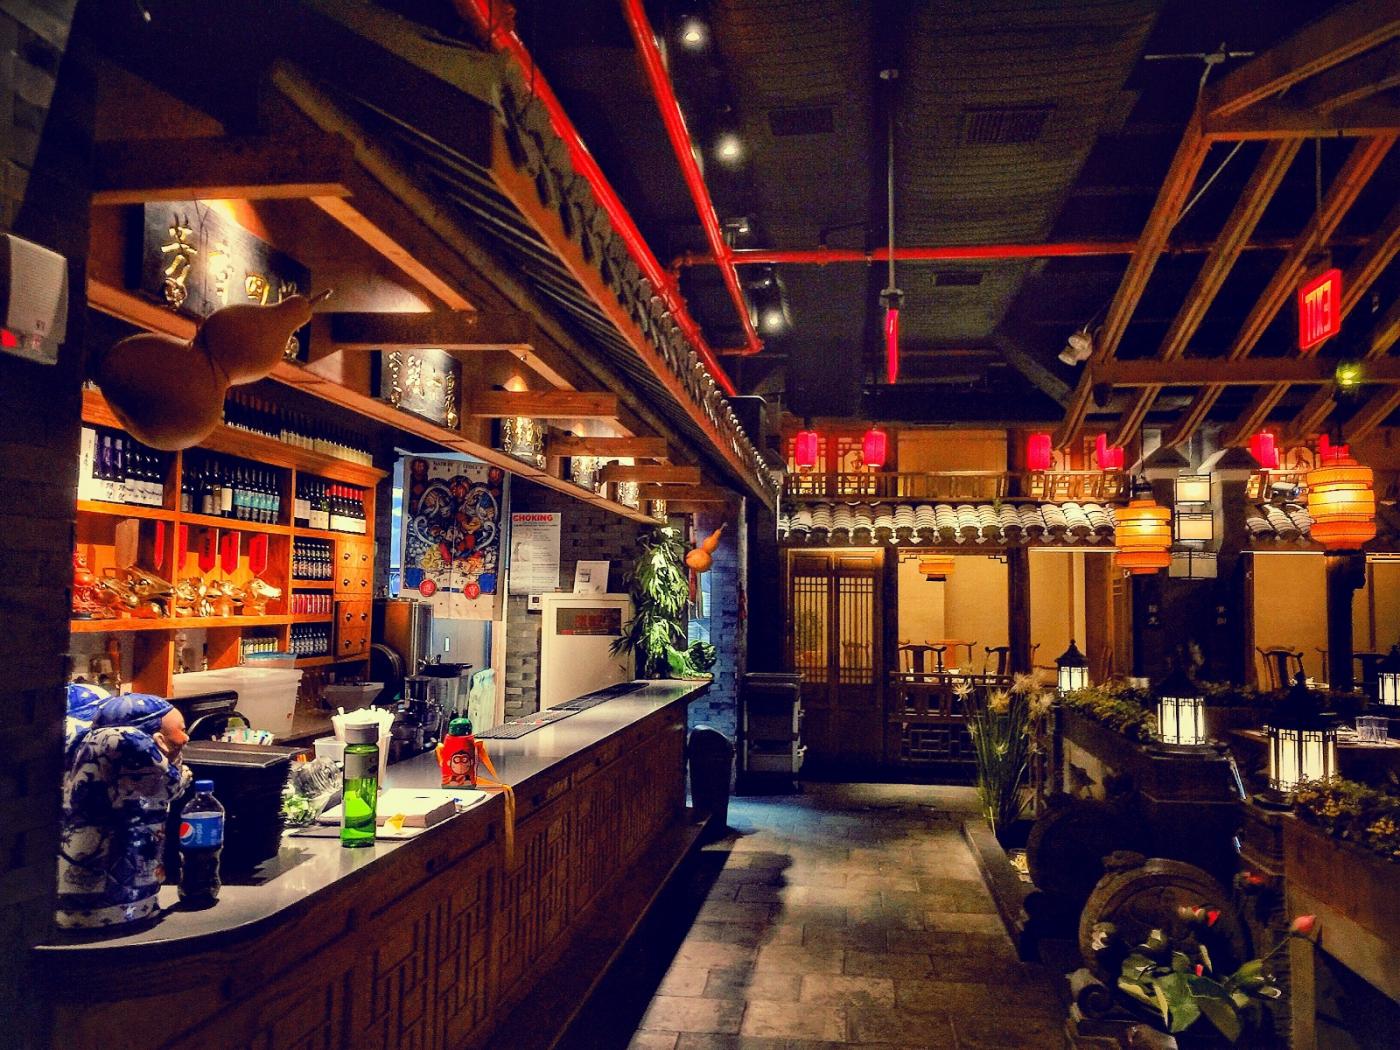 【盲流摄影】纽约法拉盛的中餐馆品味在提升-手机摄影_图1-10